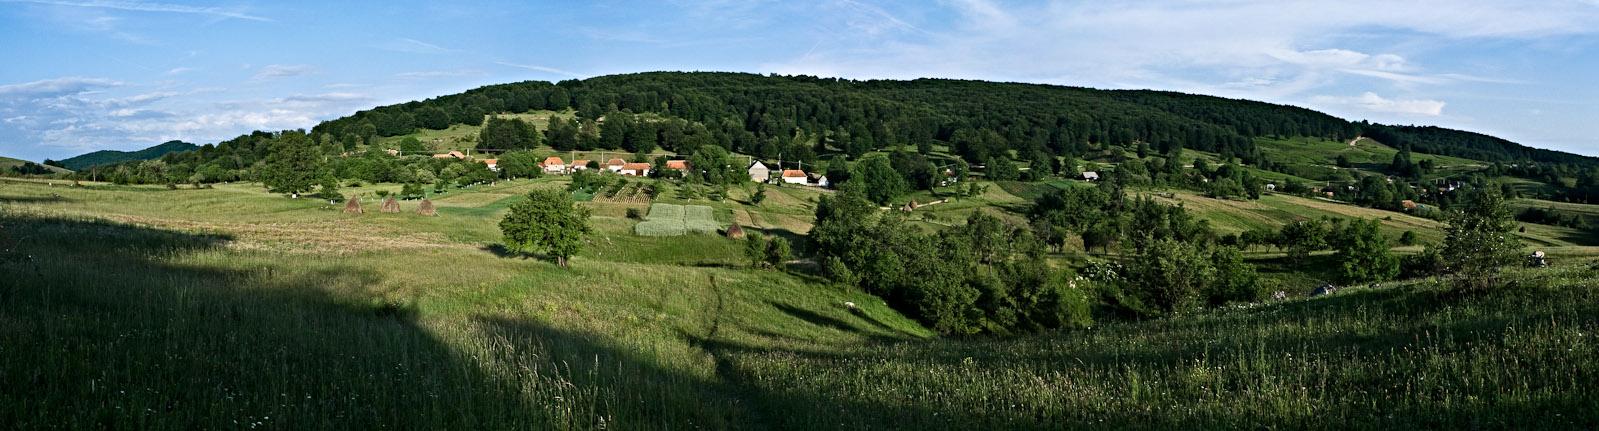 Zece_Panorama_Via_APP_2lumshrp3030.jpg